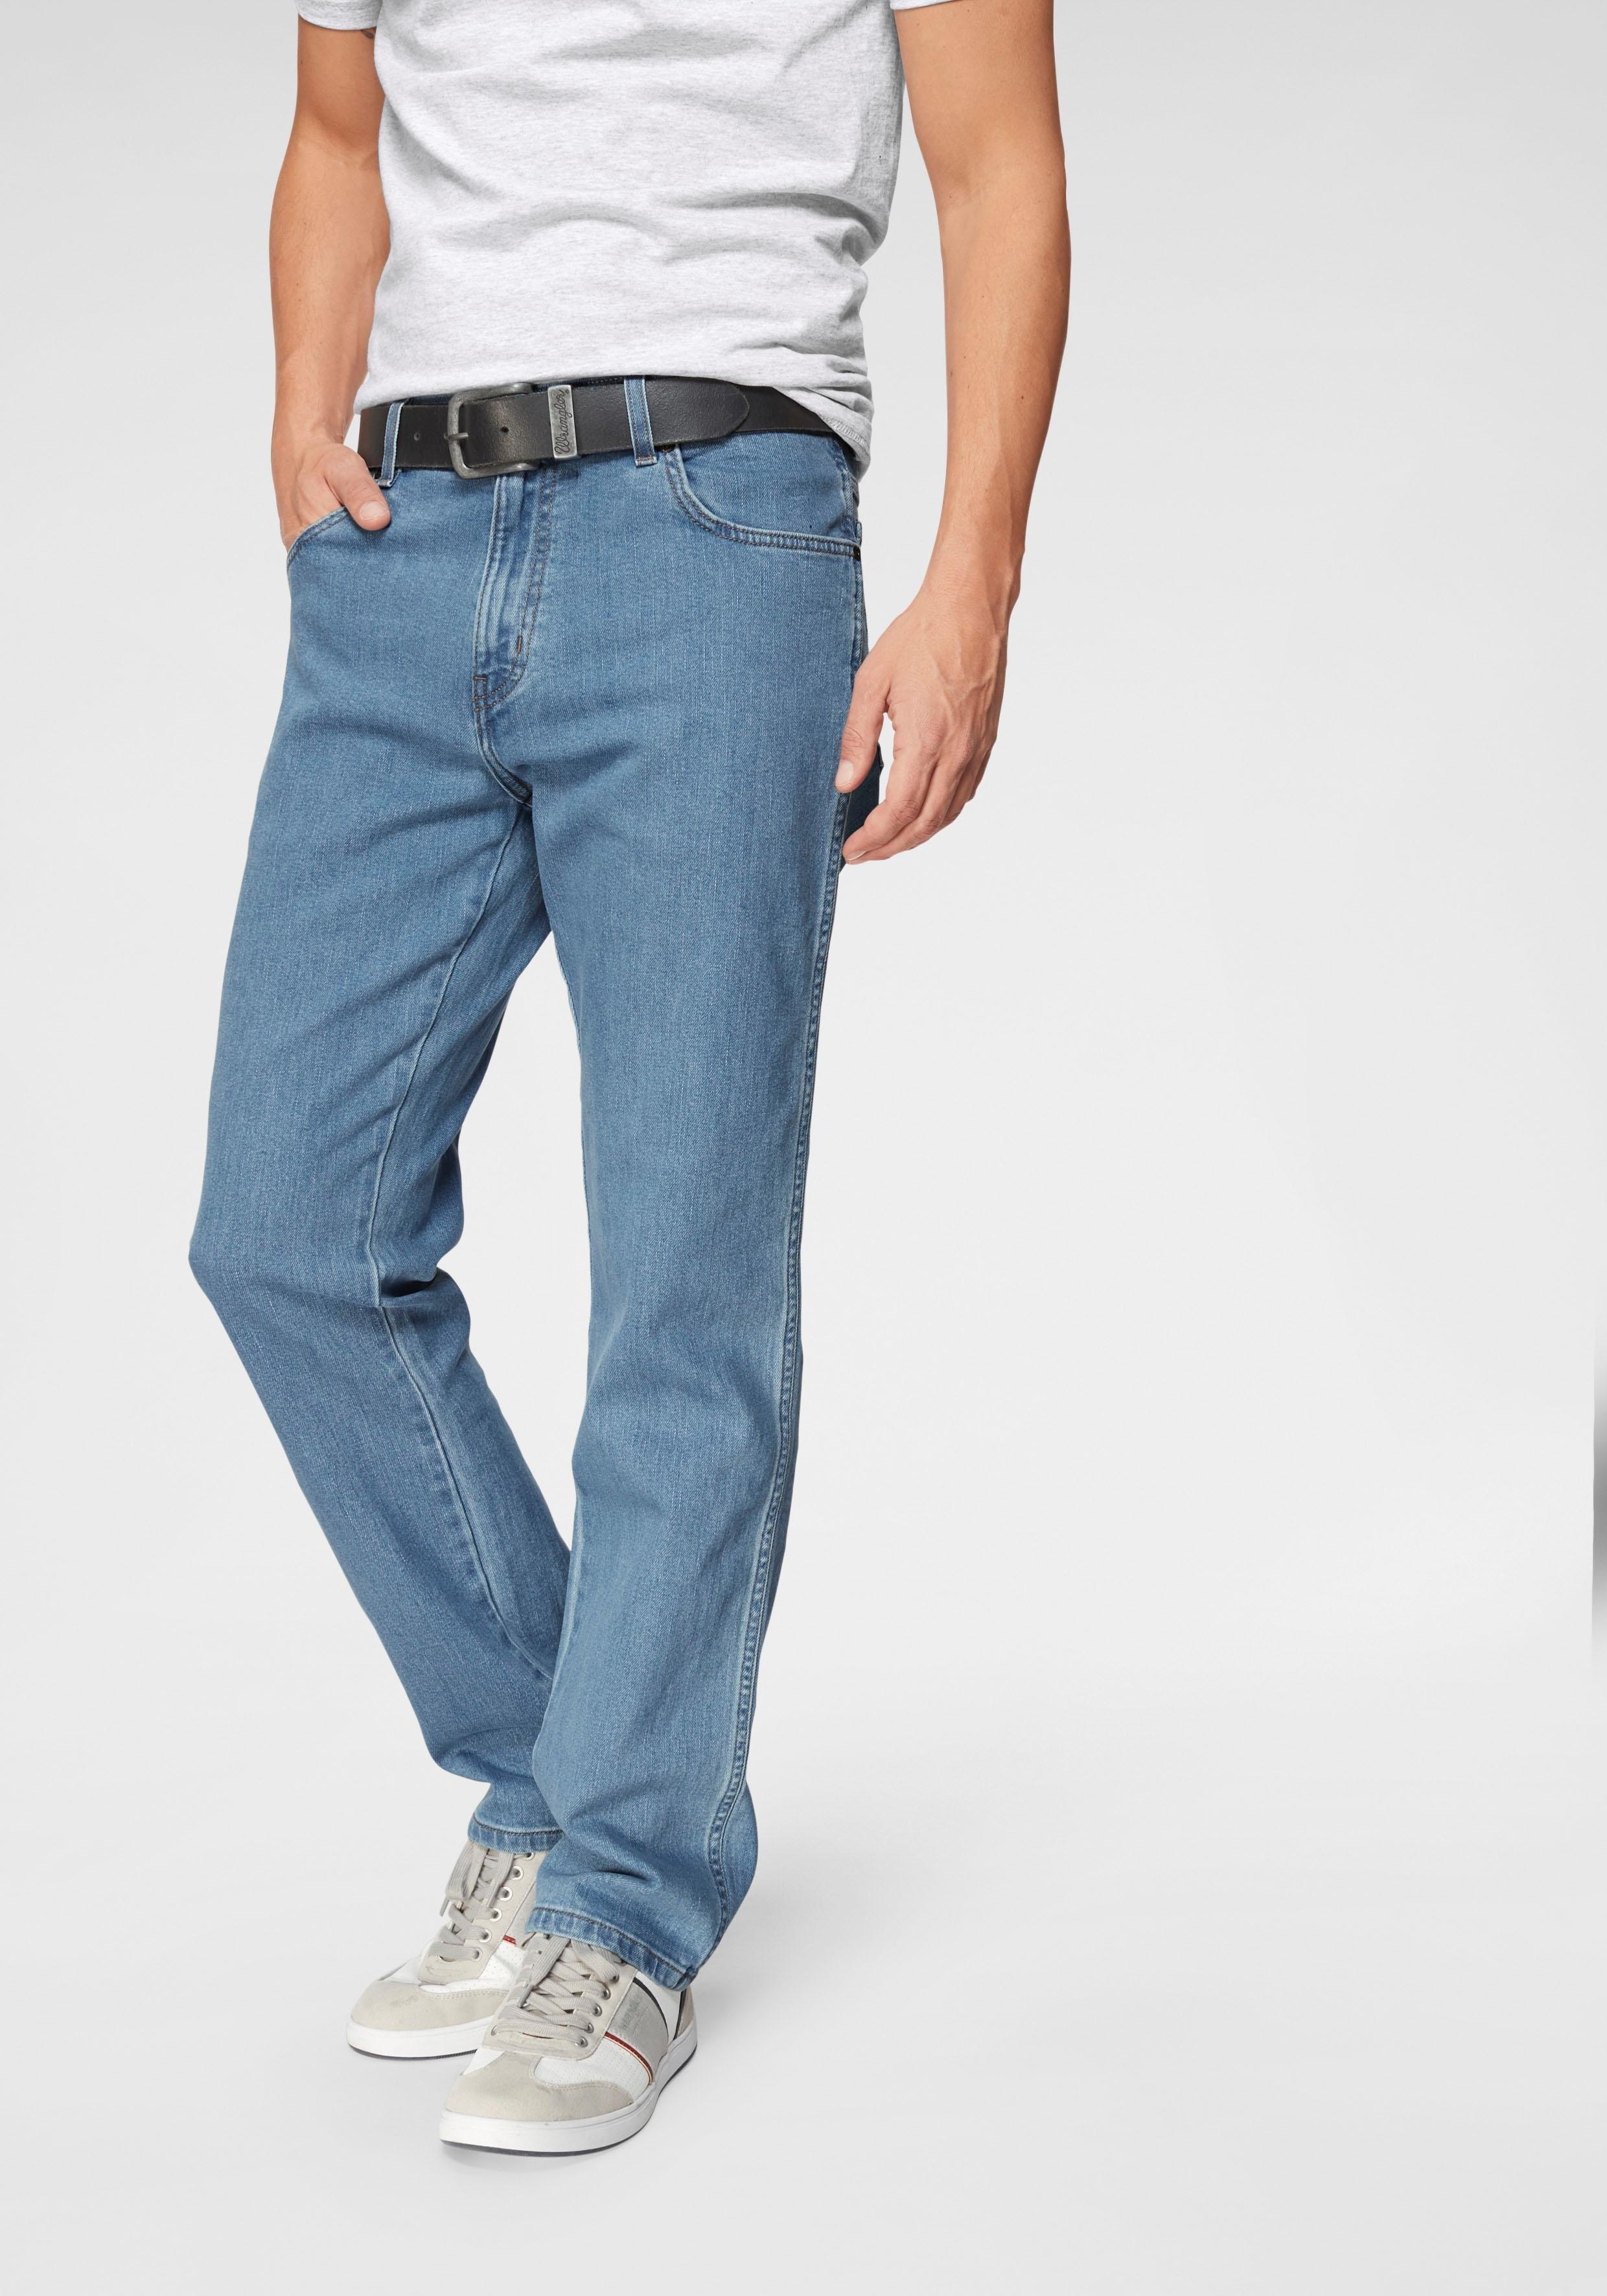 Wrangler stretch jeans Durable voordelig en veilig online kopen